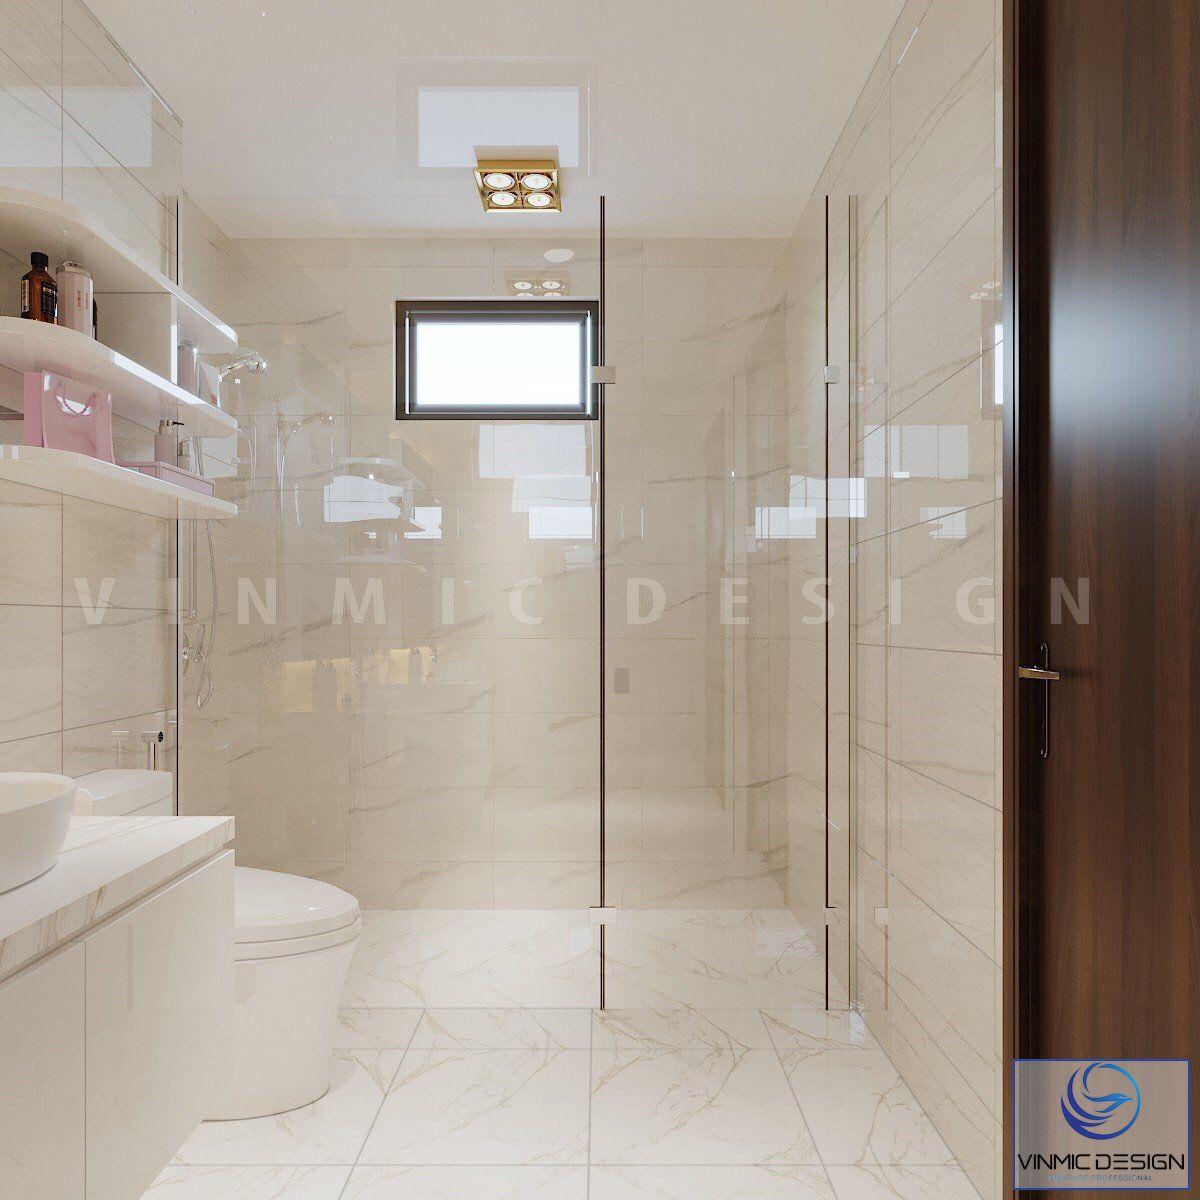 Phòng tắm được thiết kế bố trí hợp lí và thoáng nhờ vách kính